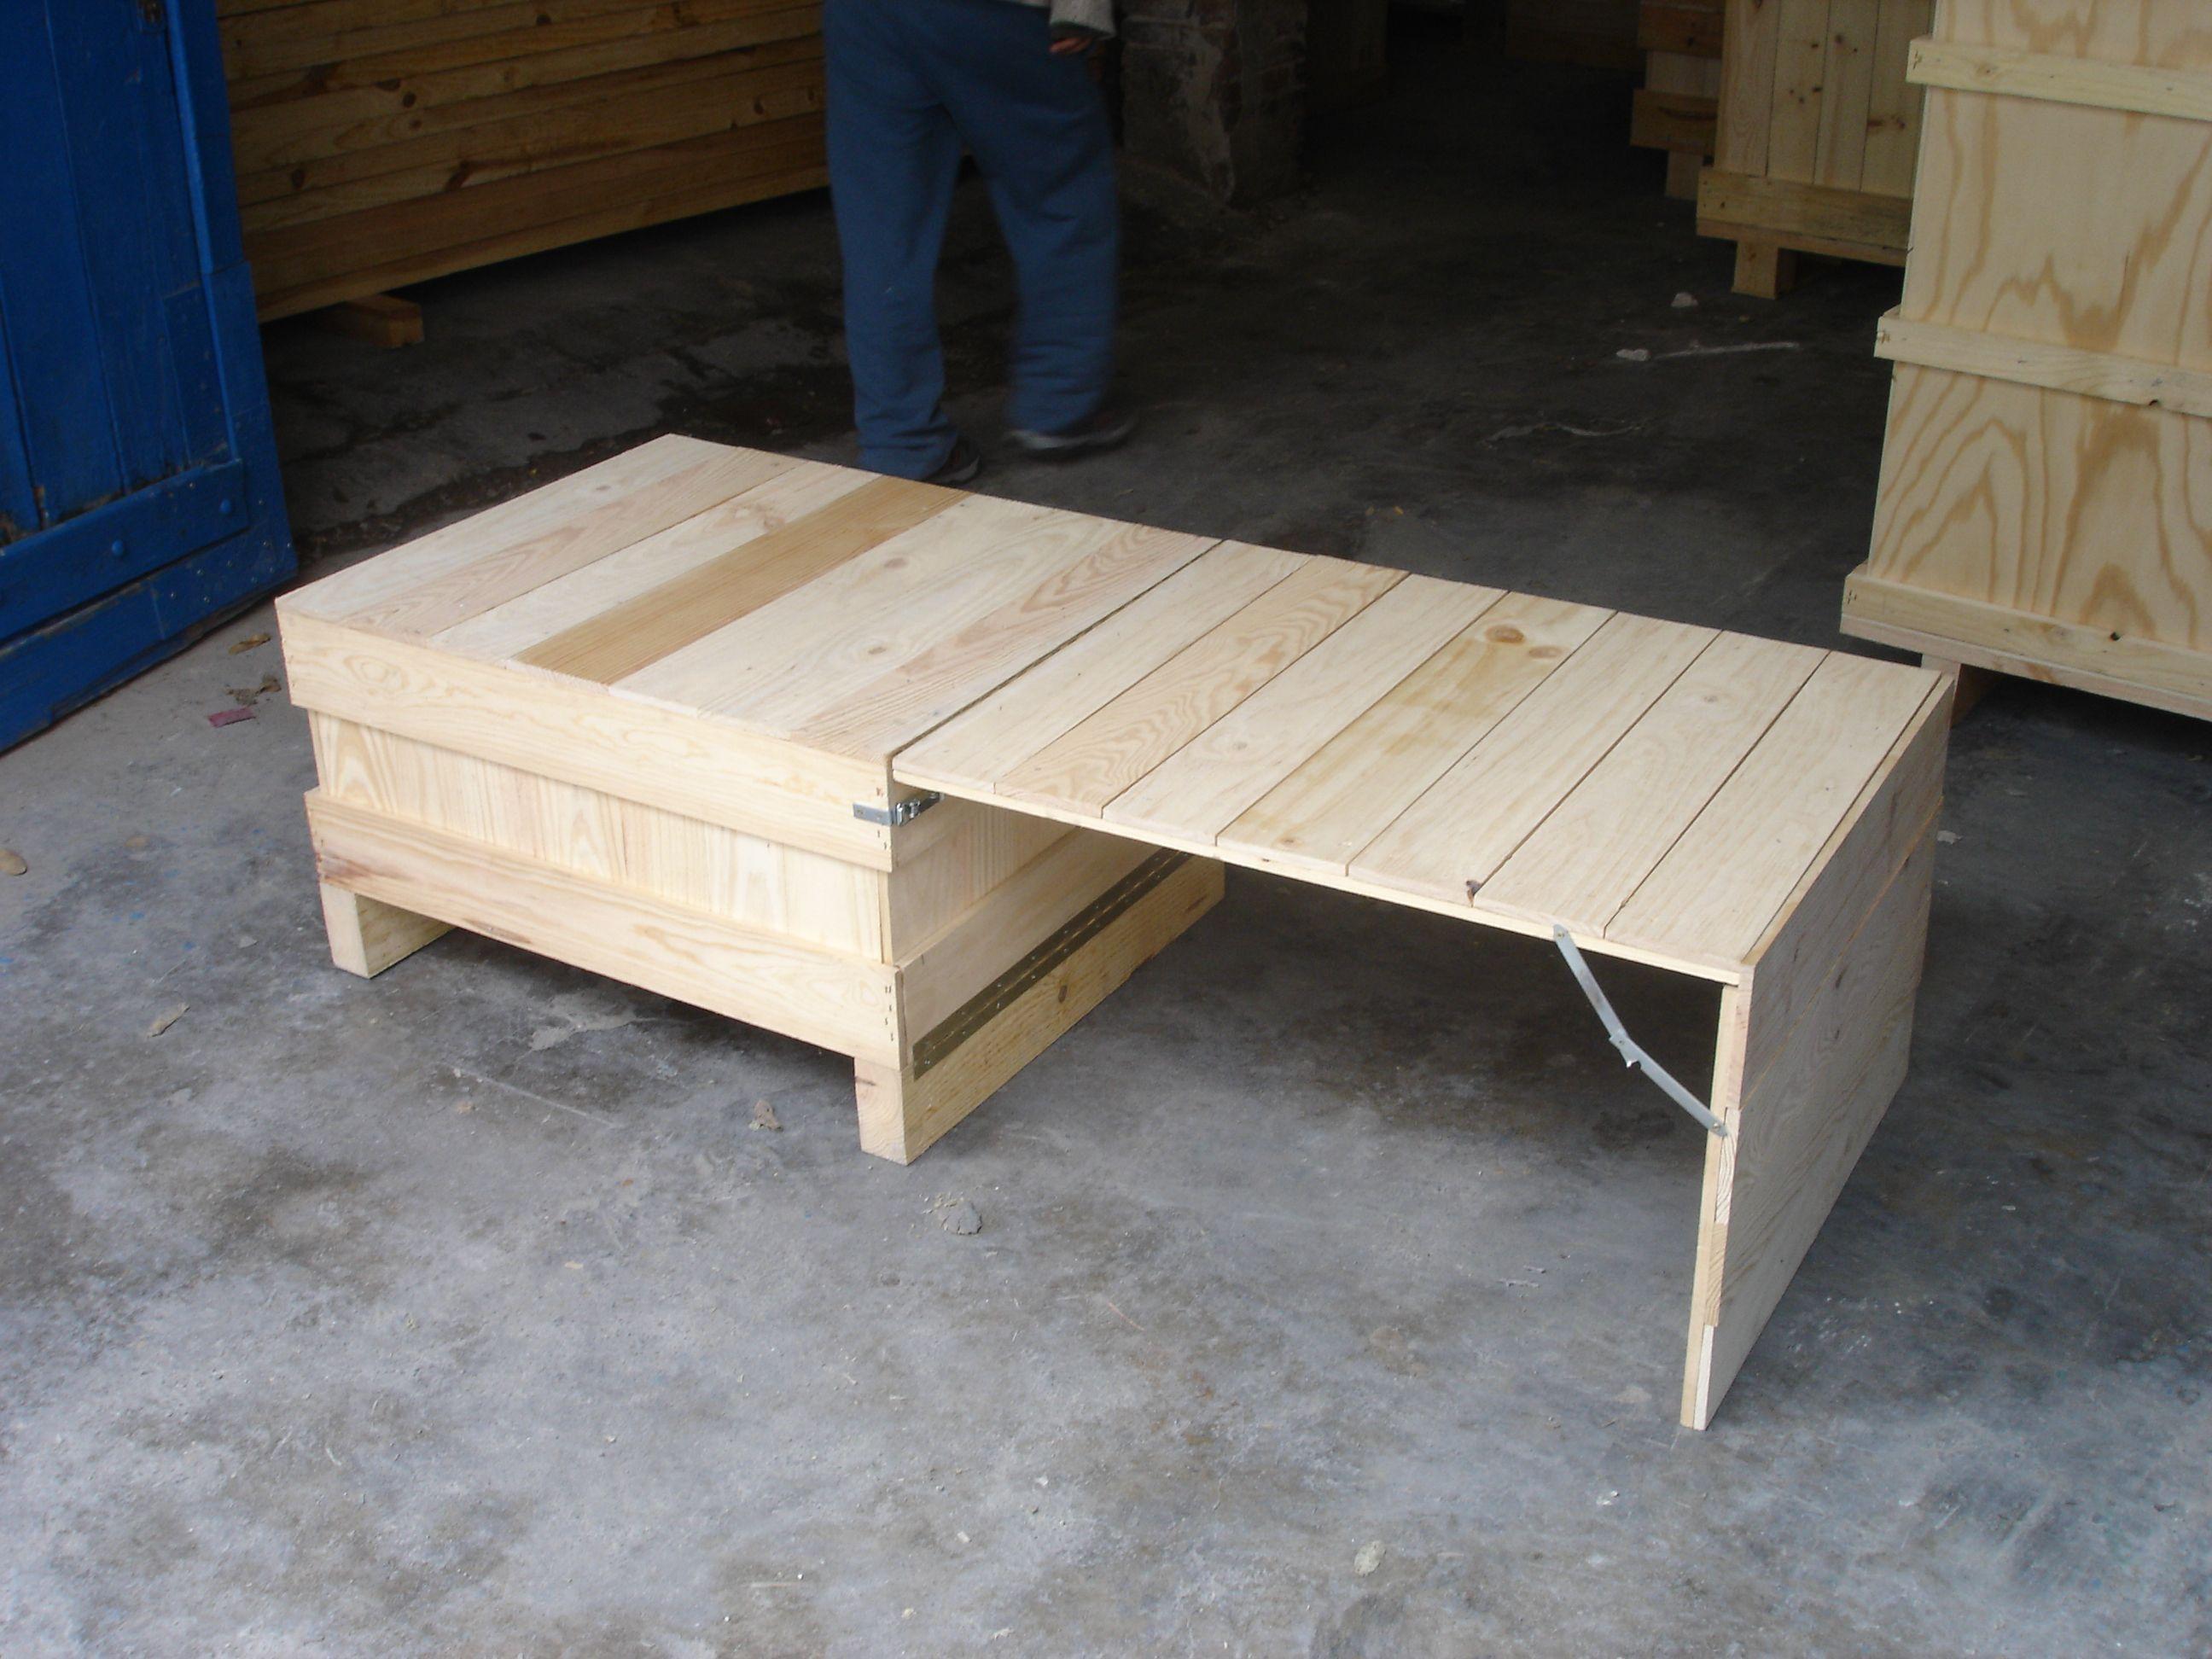 Mueble hecho con cajas de madera | Mostradores y barras para tiendas ...